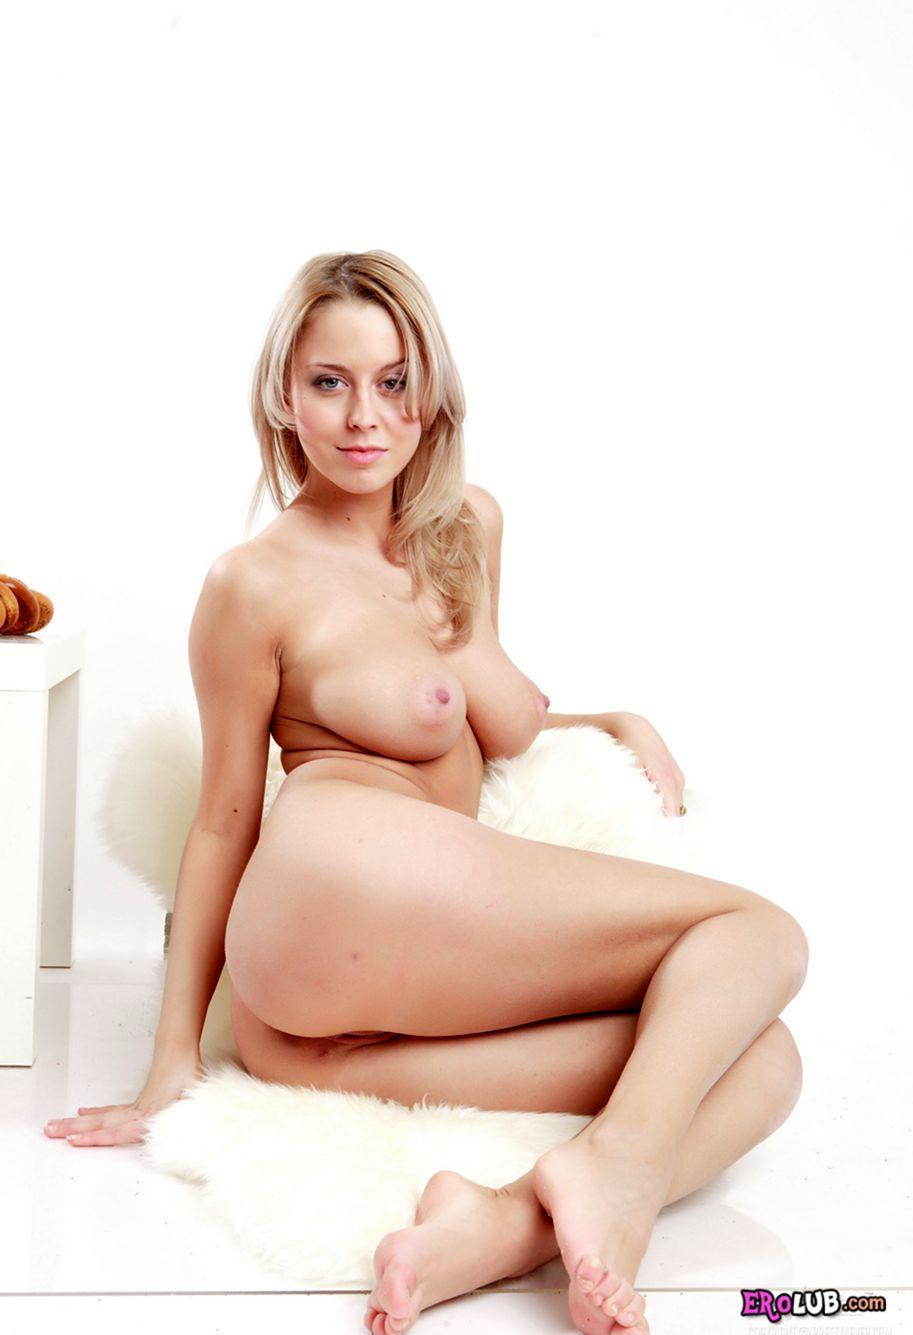 секс большие сиськи азиатки с молоком